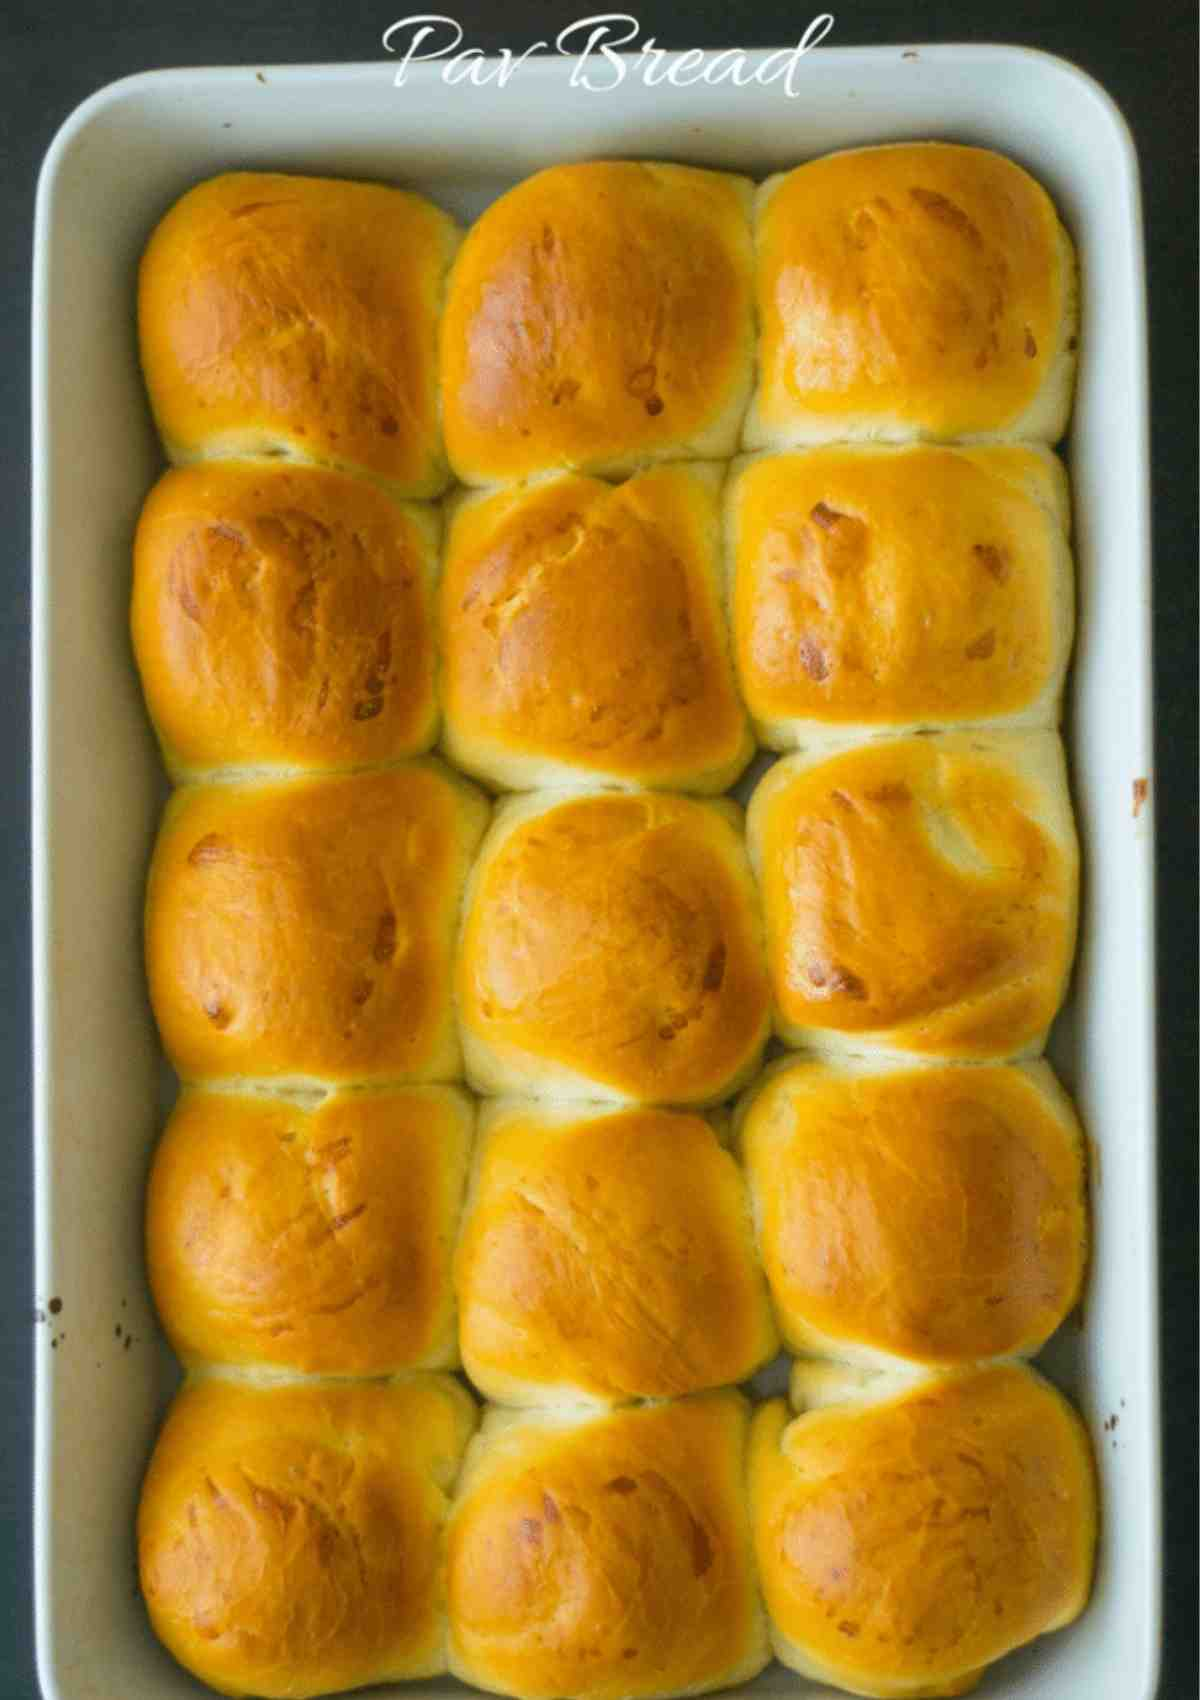 Freshly baked pav bread